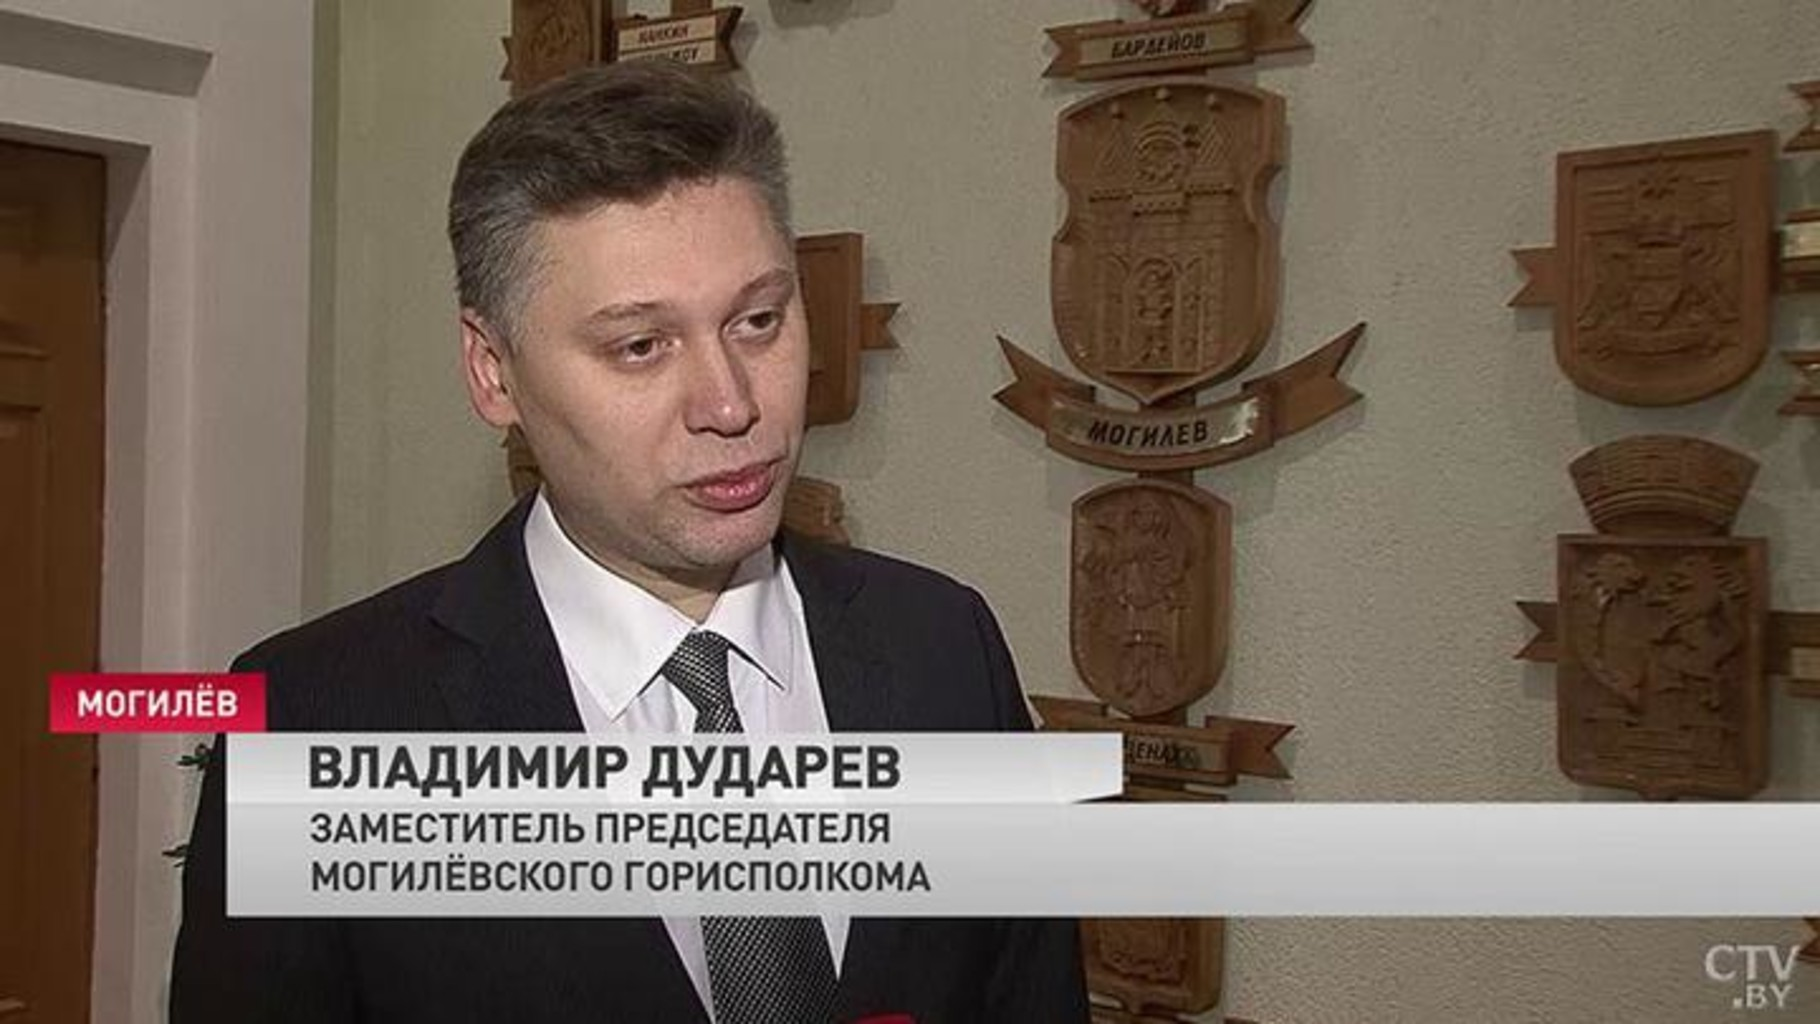 Dudarev 1